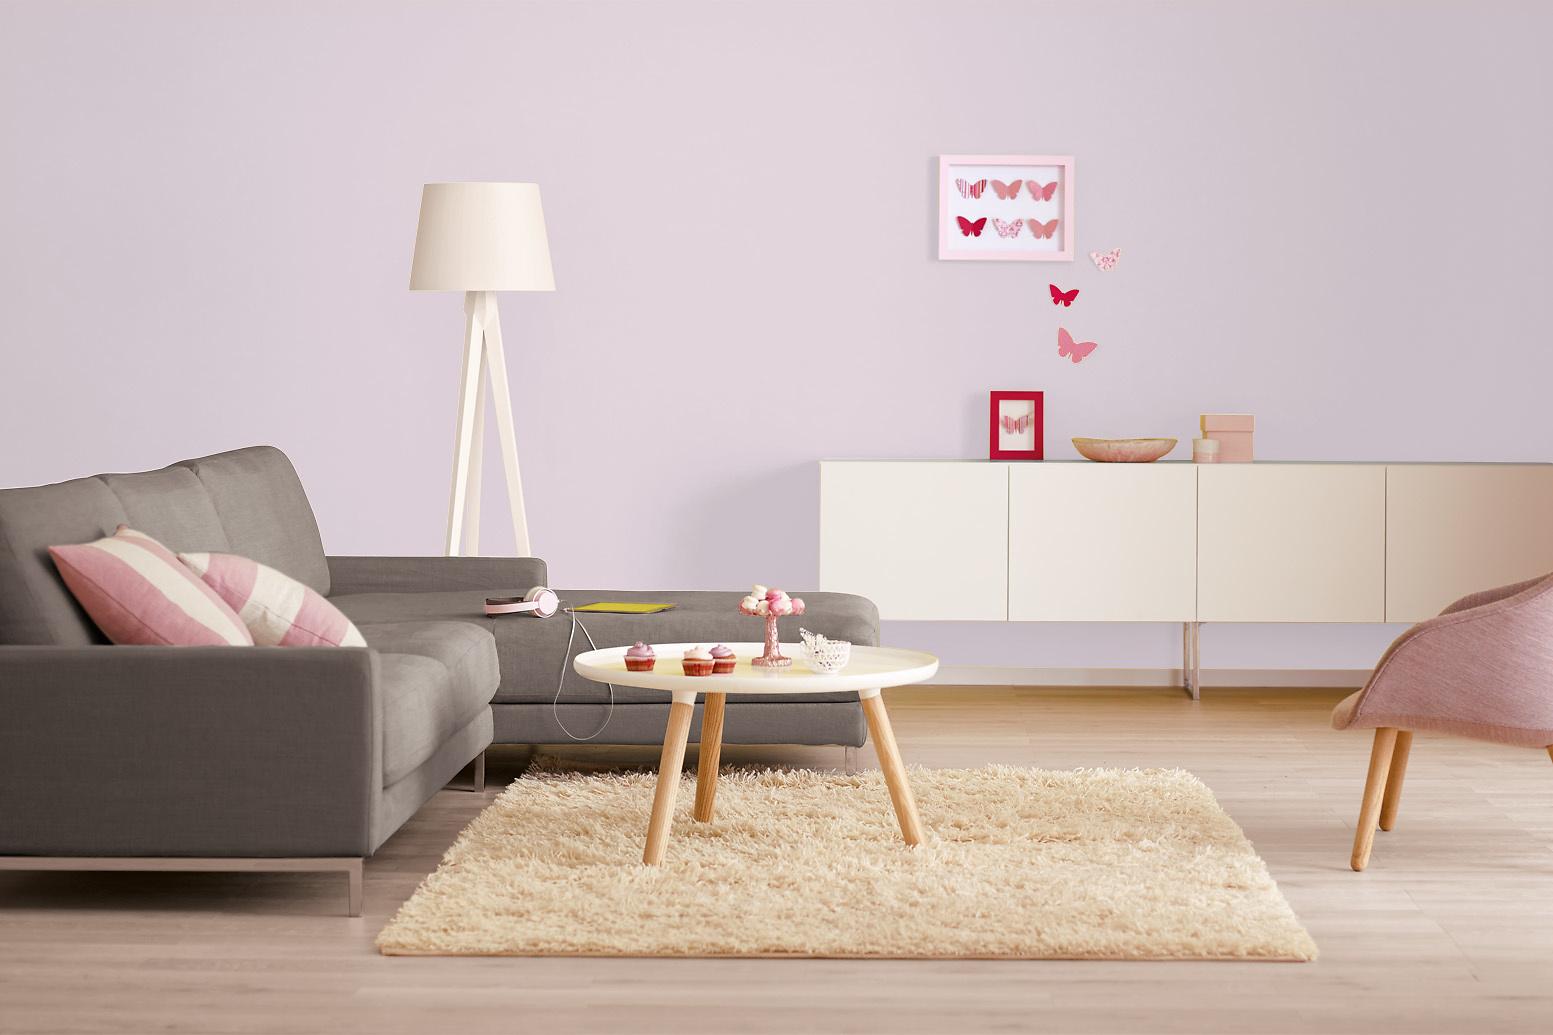 innenfarbe in pastellrosa ros streichen alpina farbrezepte mandelbl te alpina farben. Black Bedroom Furniture Sets. Home Design Ideas